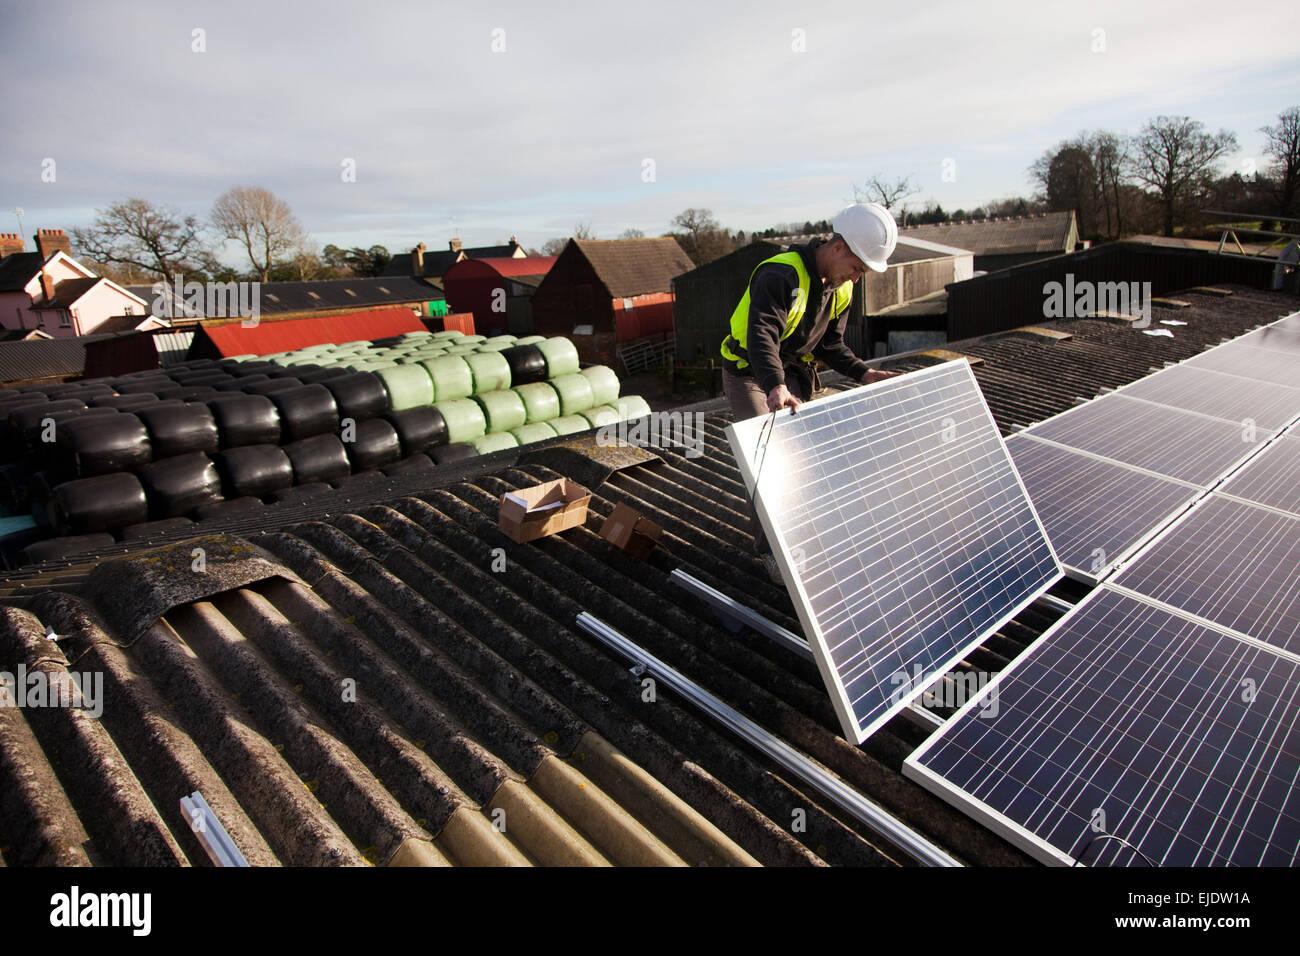 Jake Beautyman installiert Solarzellen auf dem Dach der Scheune auf Grange Farm nahe Balcombe. Die Installation Stockbild